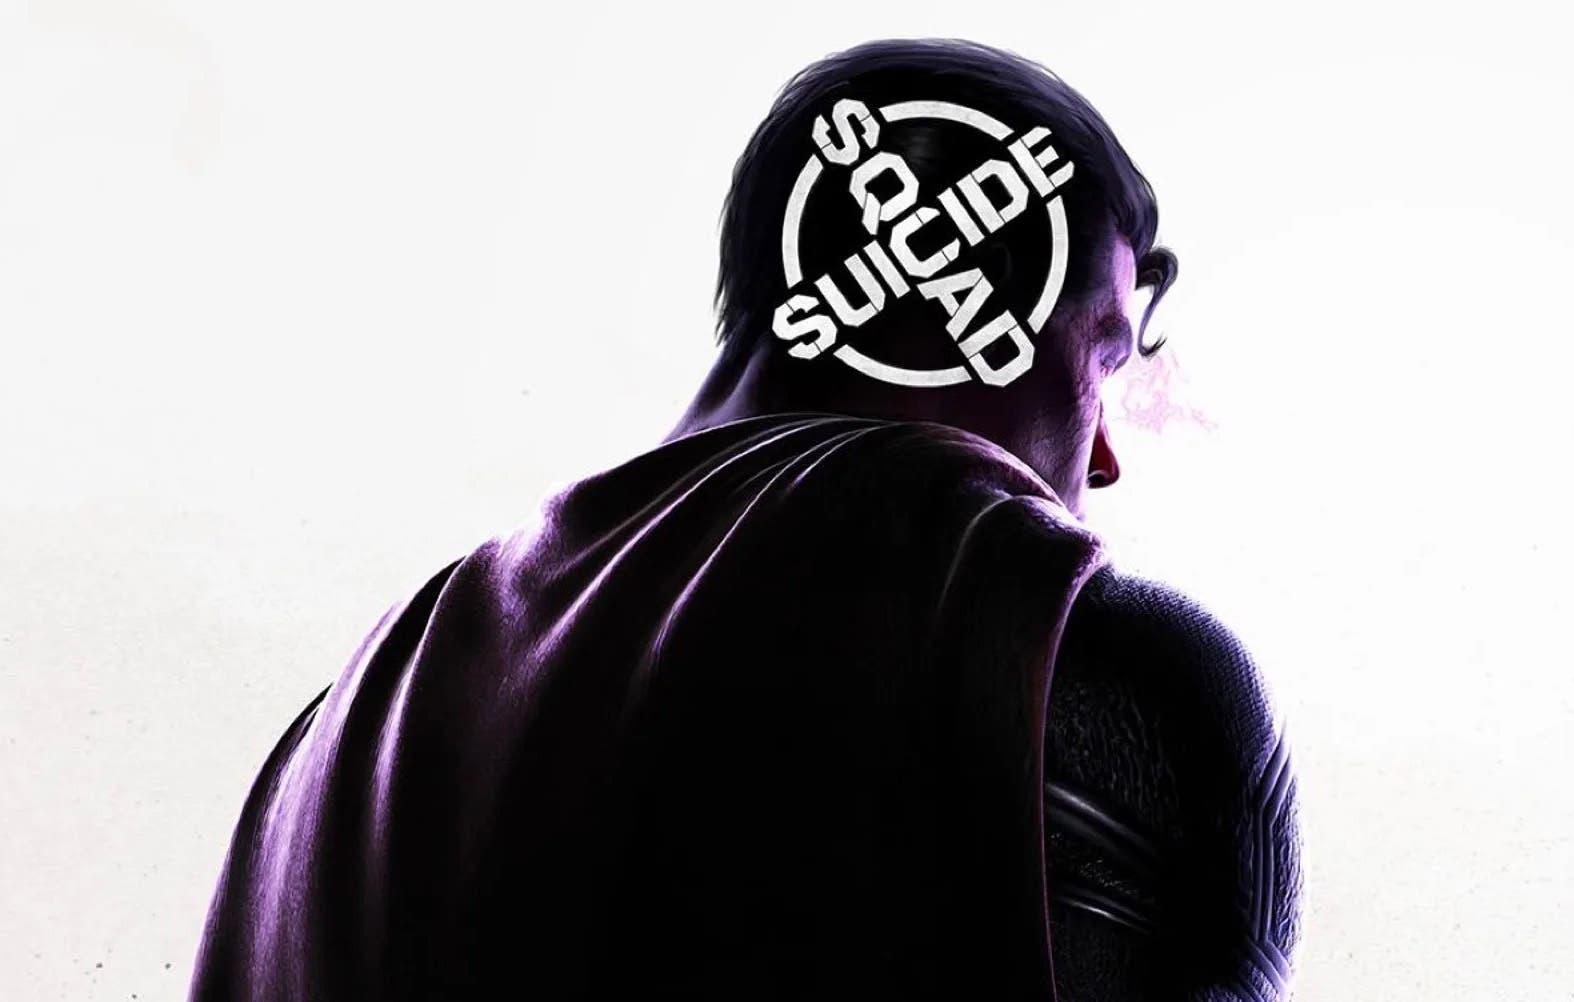 El juego de Suicide Squad anticipó en una escena de Batman Arkham Origins 2